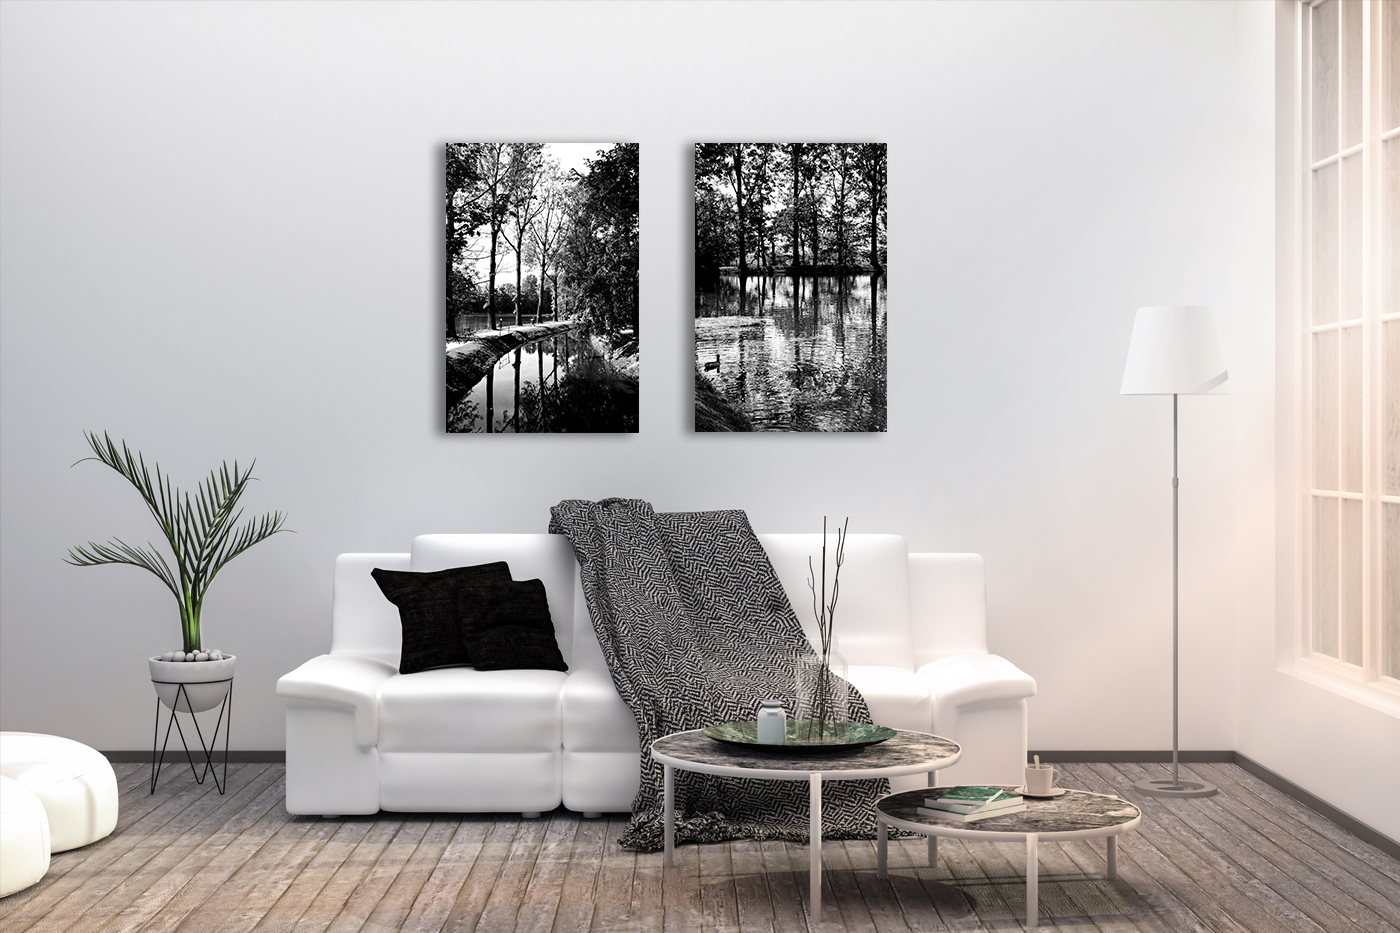 Nature photo, landscape photo, lake photo example image 2